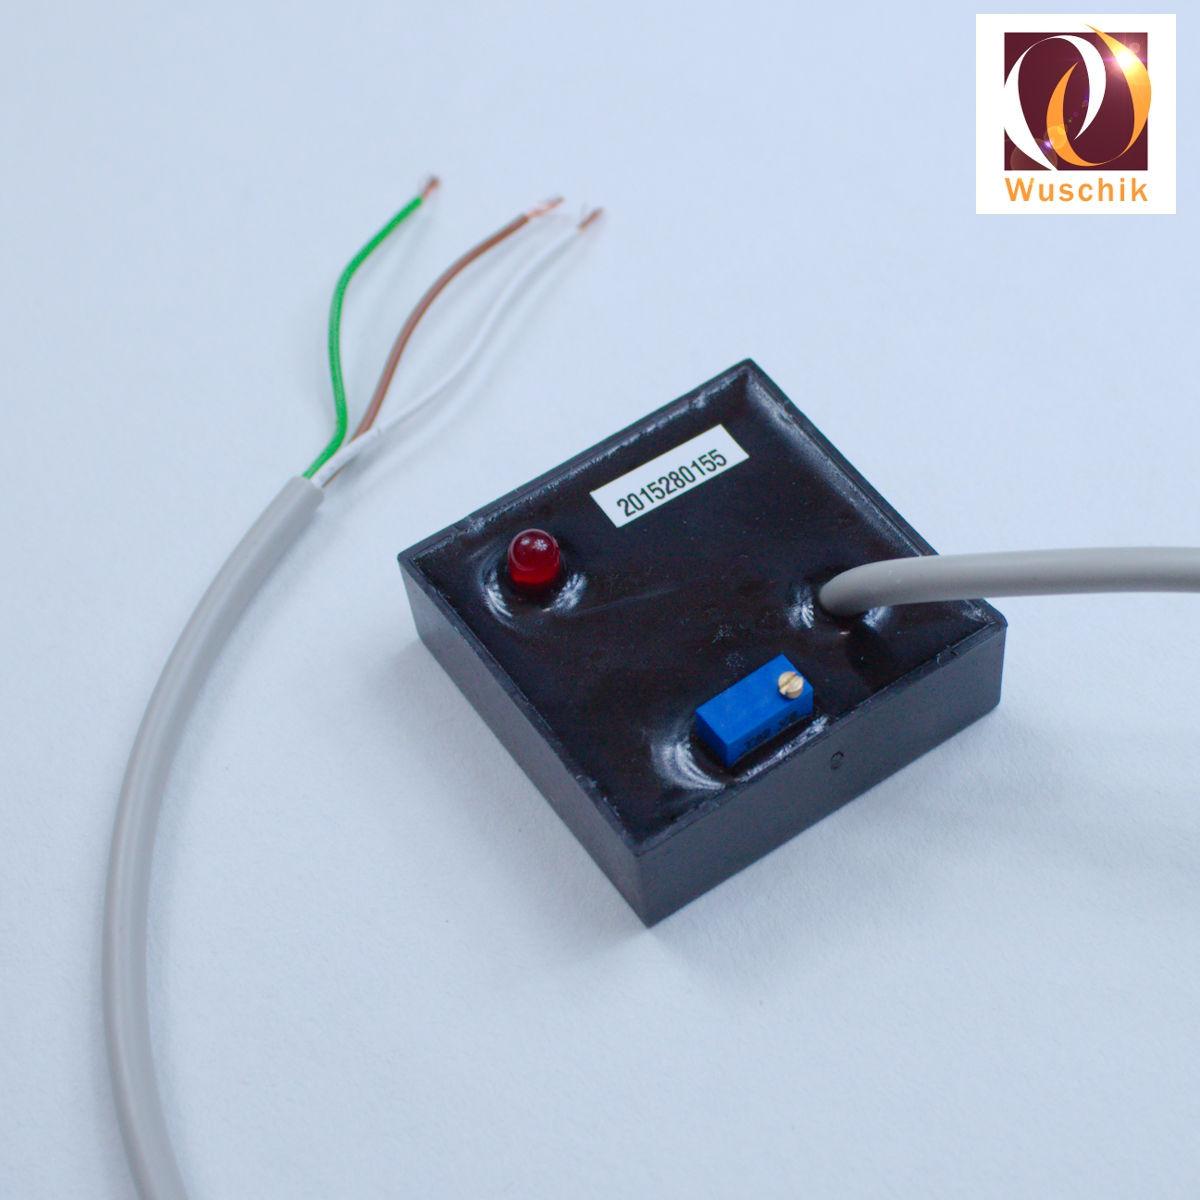 Levelsensor Niveau Sensor Waterlevel Sensor 9 12v Capacitive